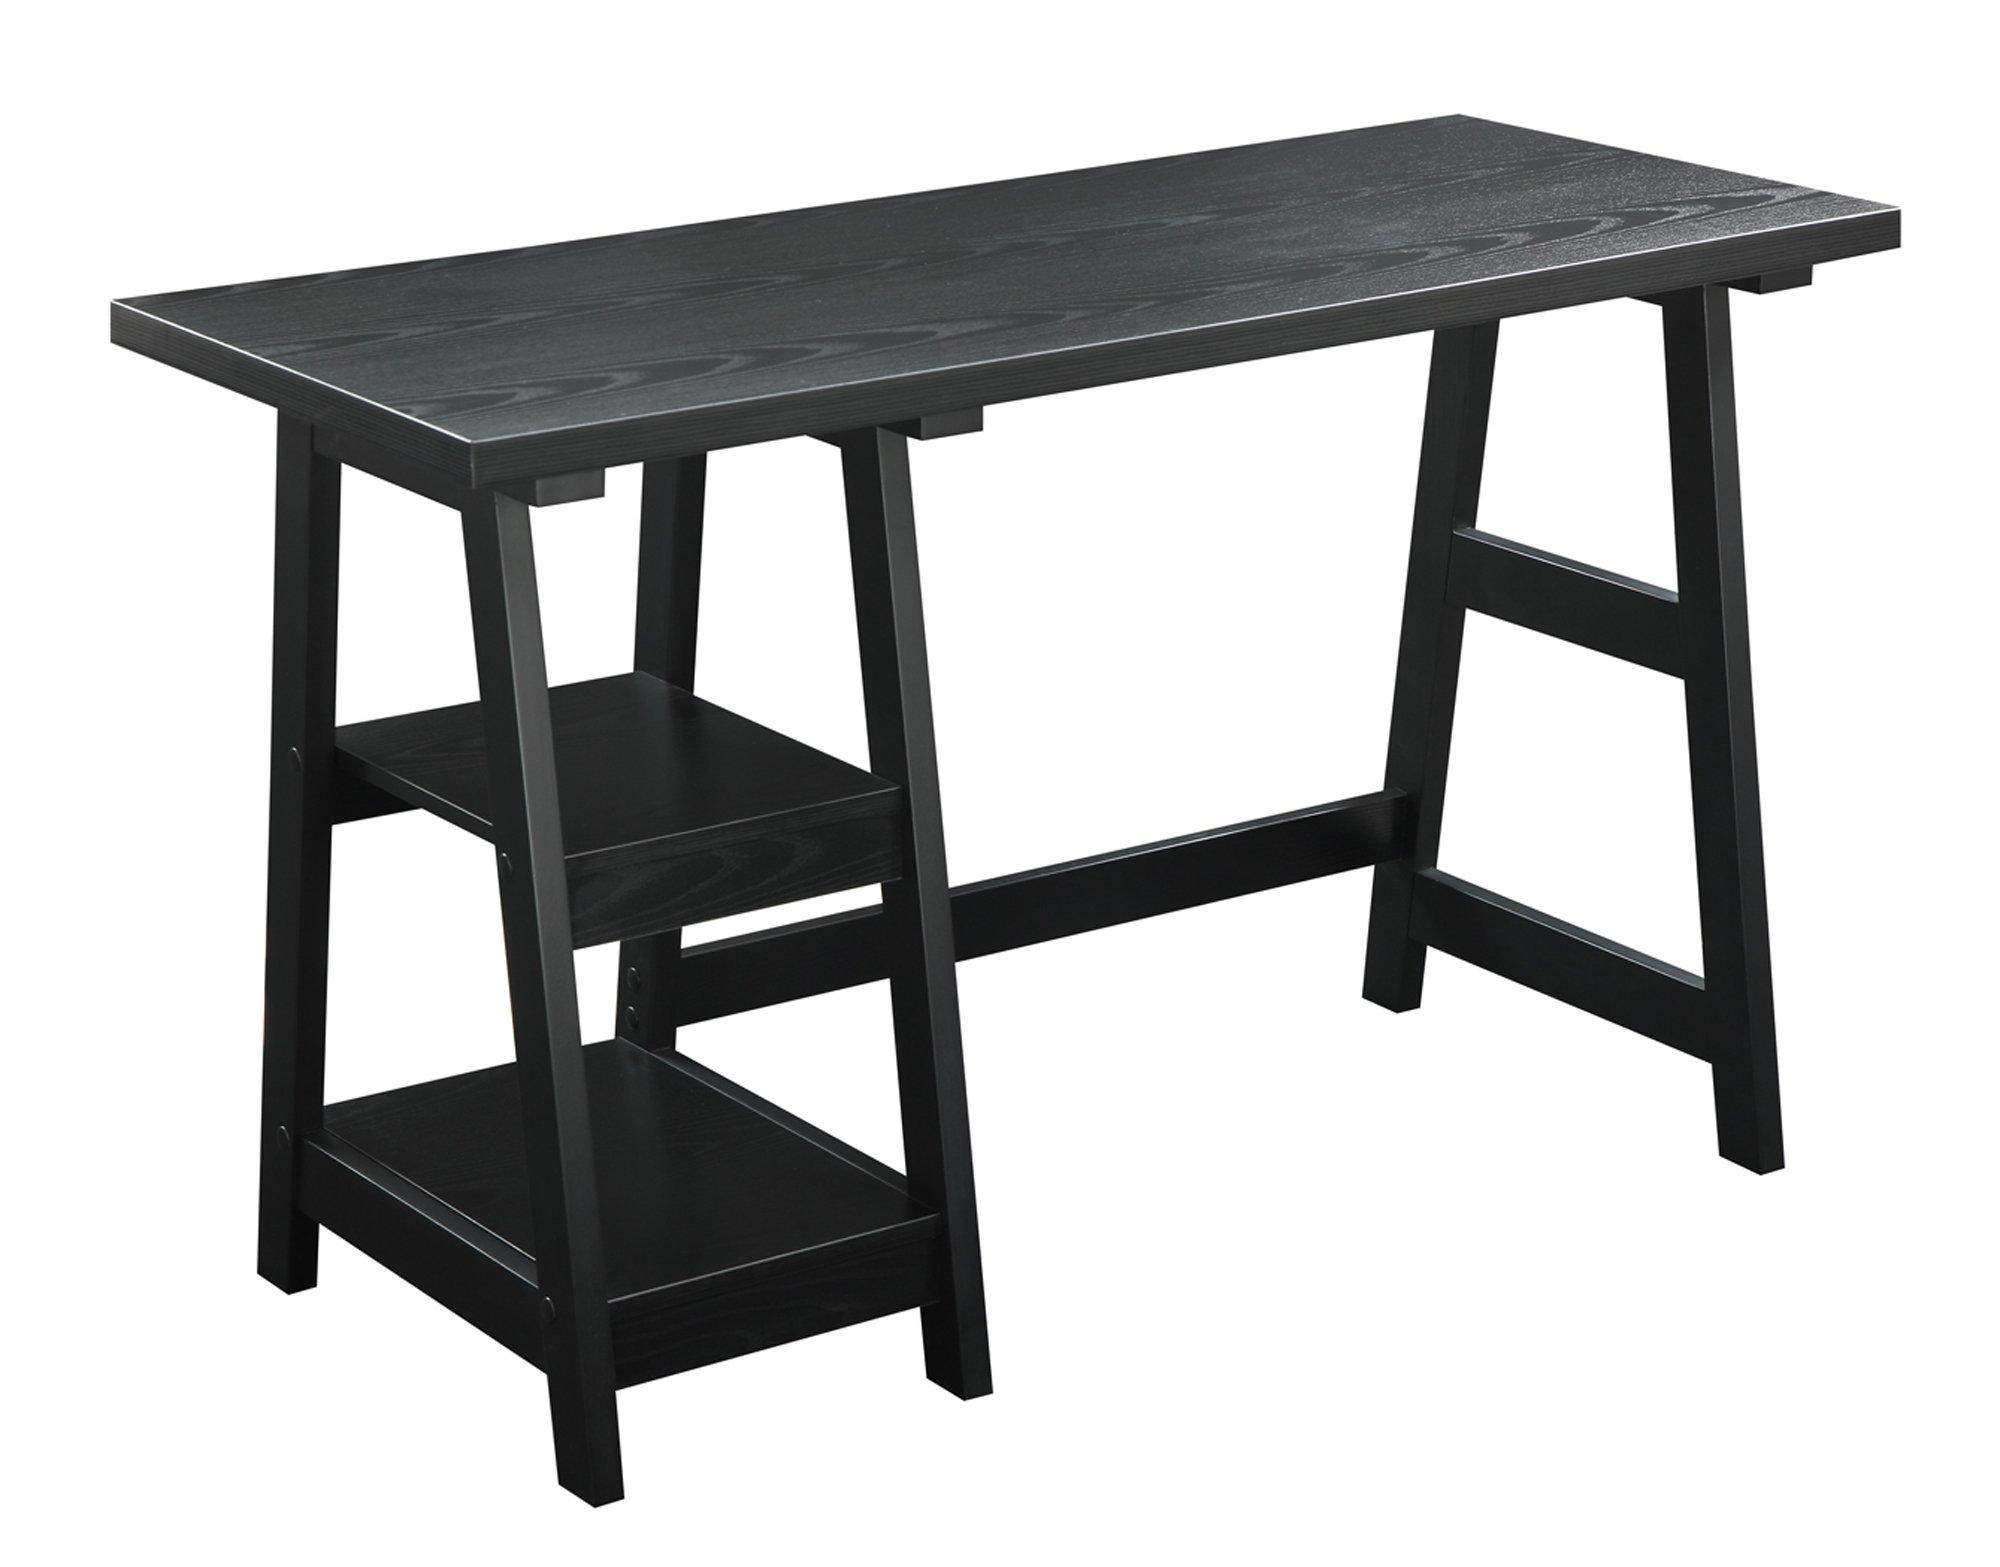 Convenience Concepts Designs2Go Trestle Desk, Black by Convenience Concepts